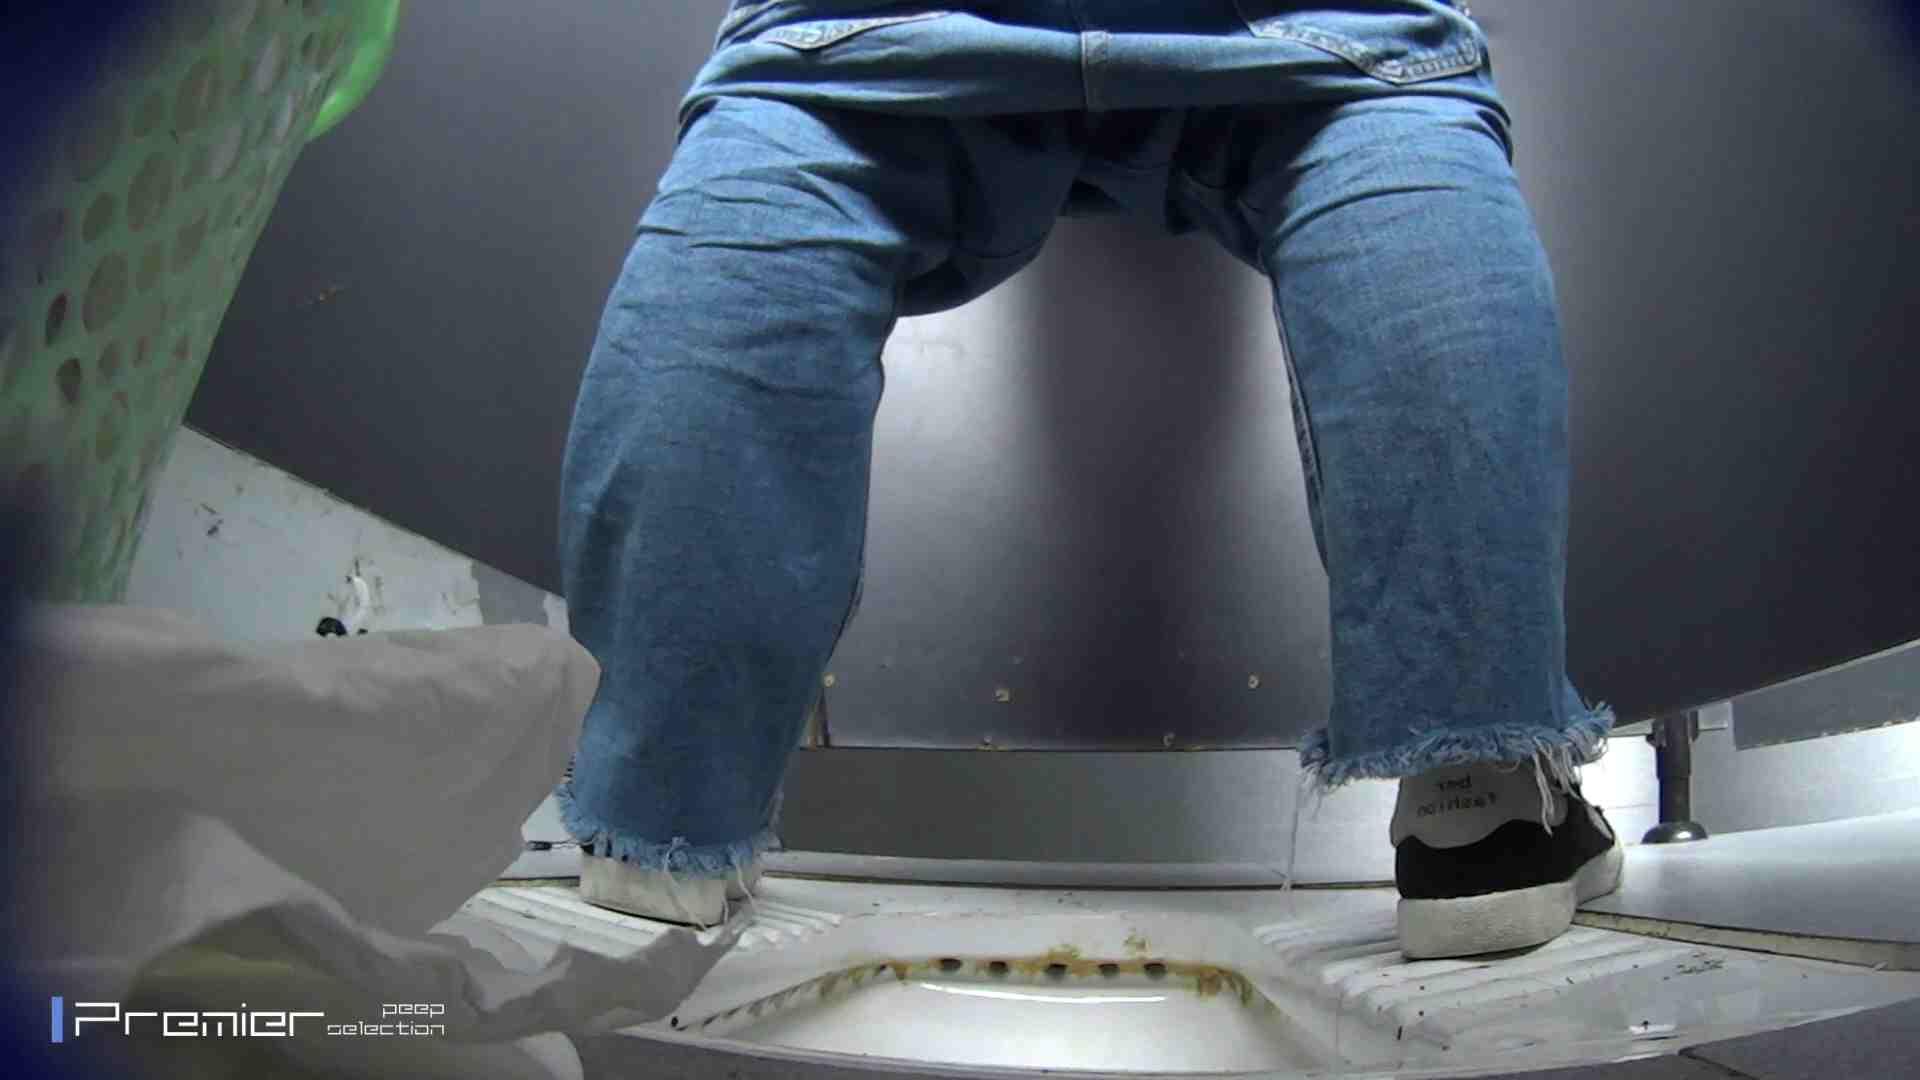 滴り落ちる聖水 大学休憩時間の洗面所事情42 盗撮 オマンコ無修正動画無料 24pic 14